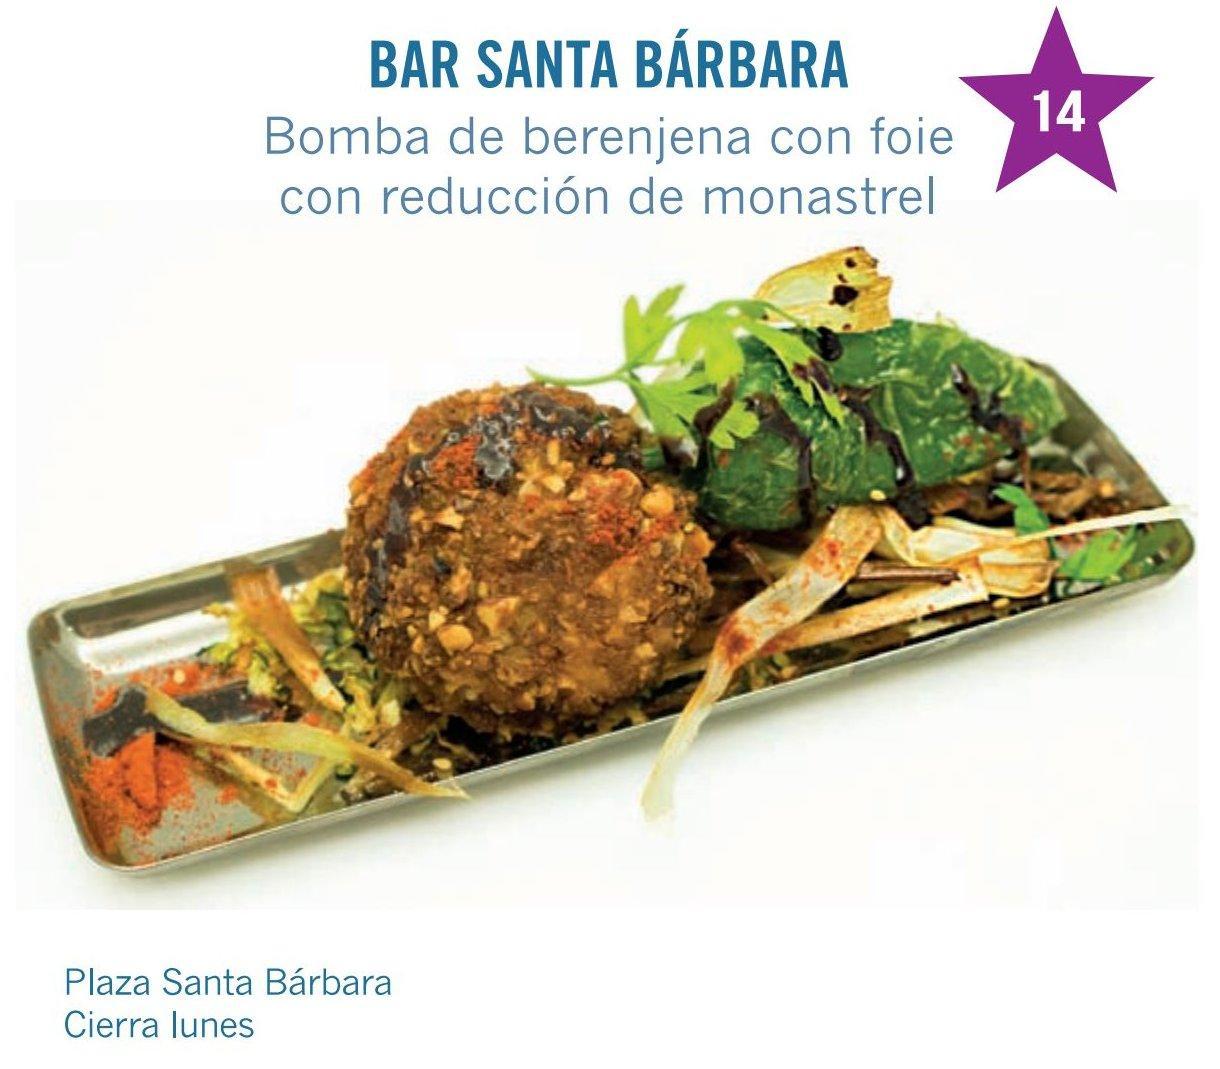 tapa de Restaurante Bar Santa Bárbara para molina tapas